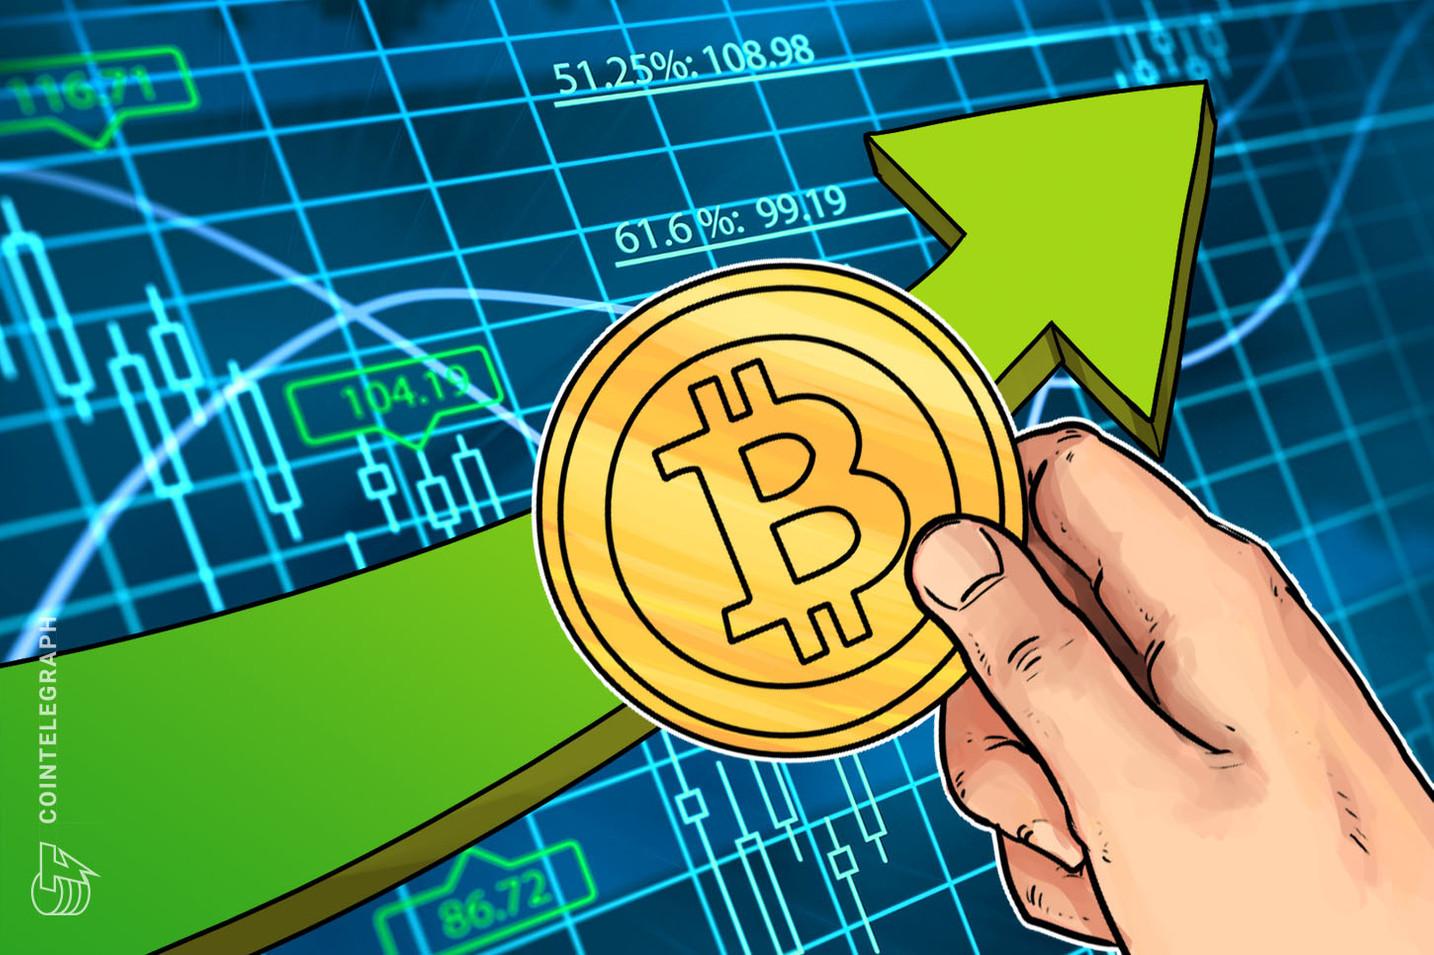 Mercati delle criptovalute in crescita, Bitcoin spinge per i 6.500$